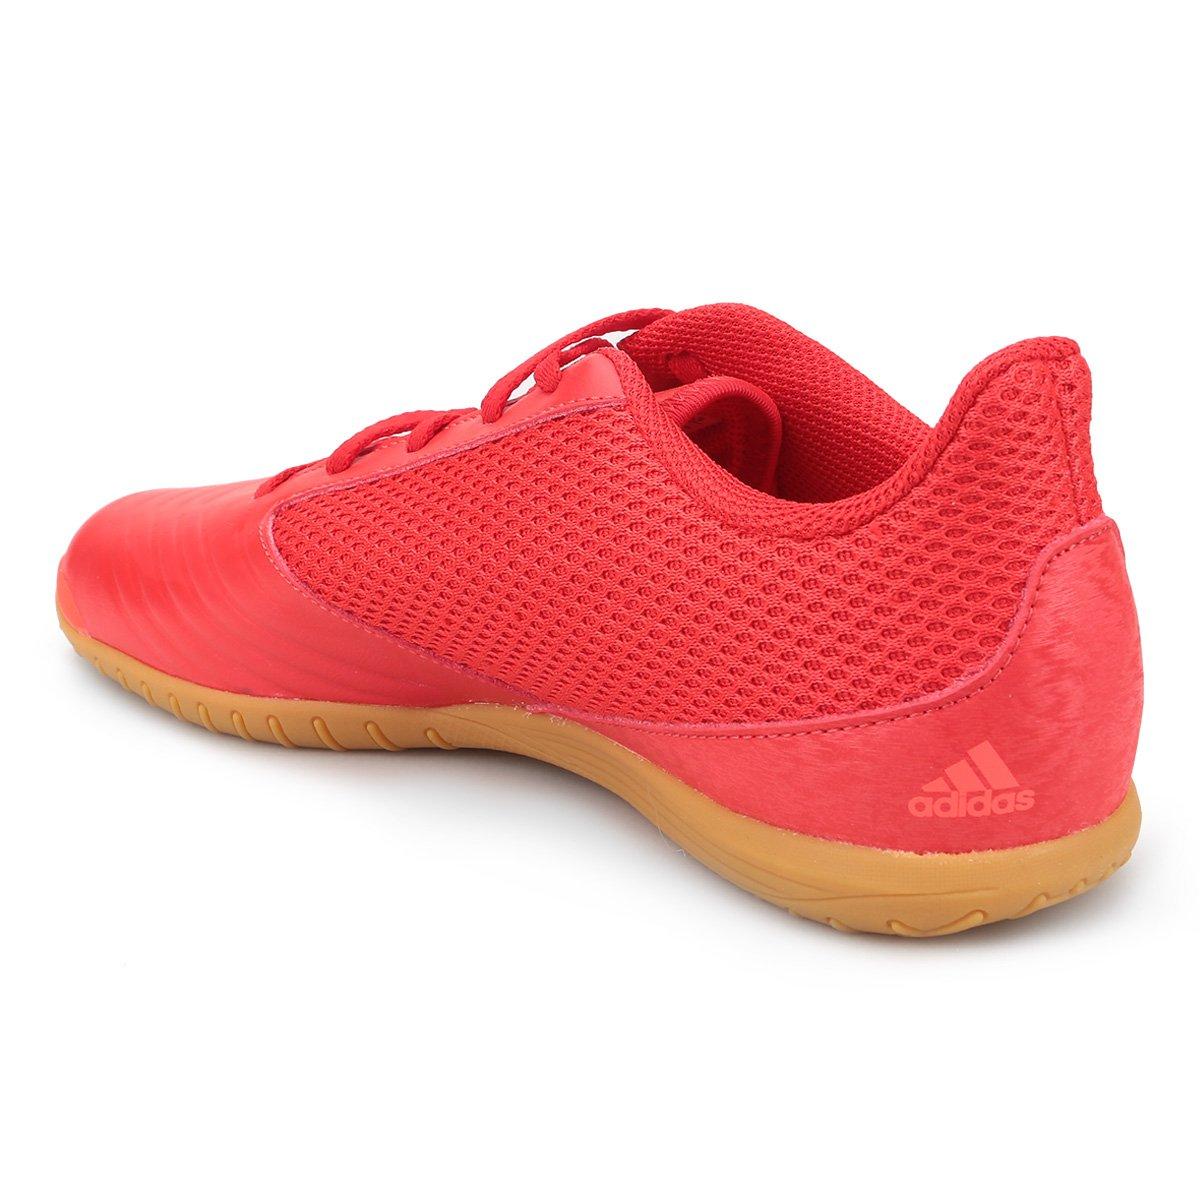 Chuteira Futsal Adidas Predator 19 4 IN - Vermelho e Preto - Compre ... 7965907fcf4ce